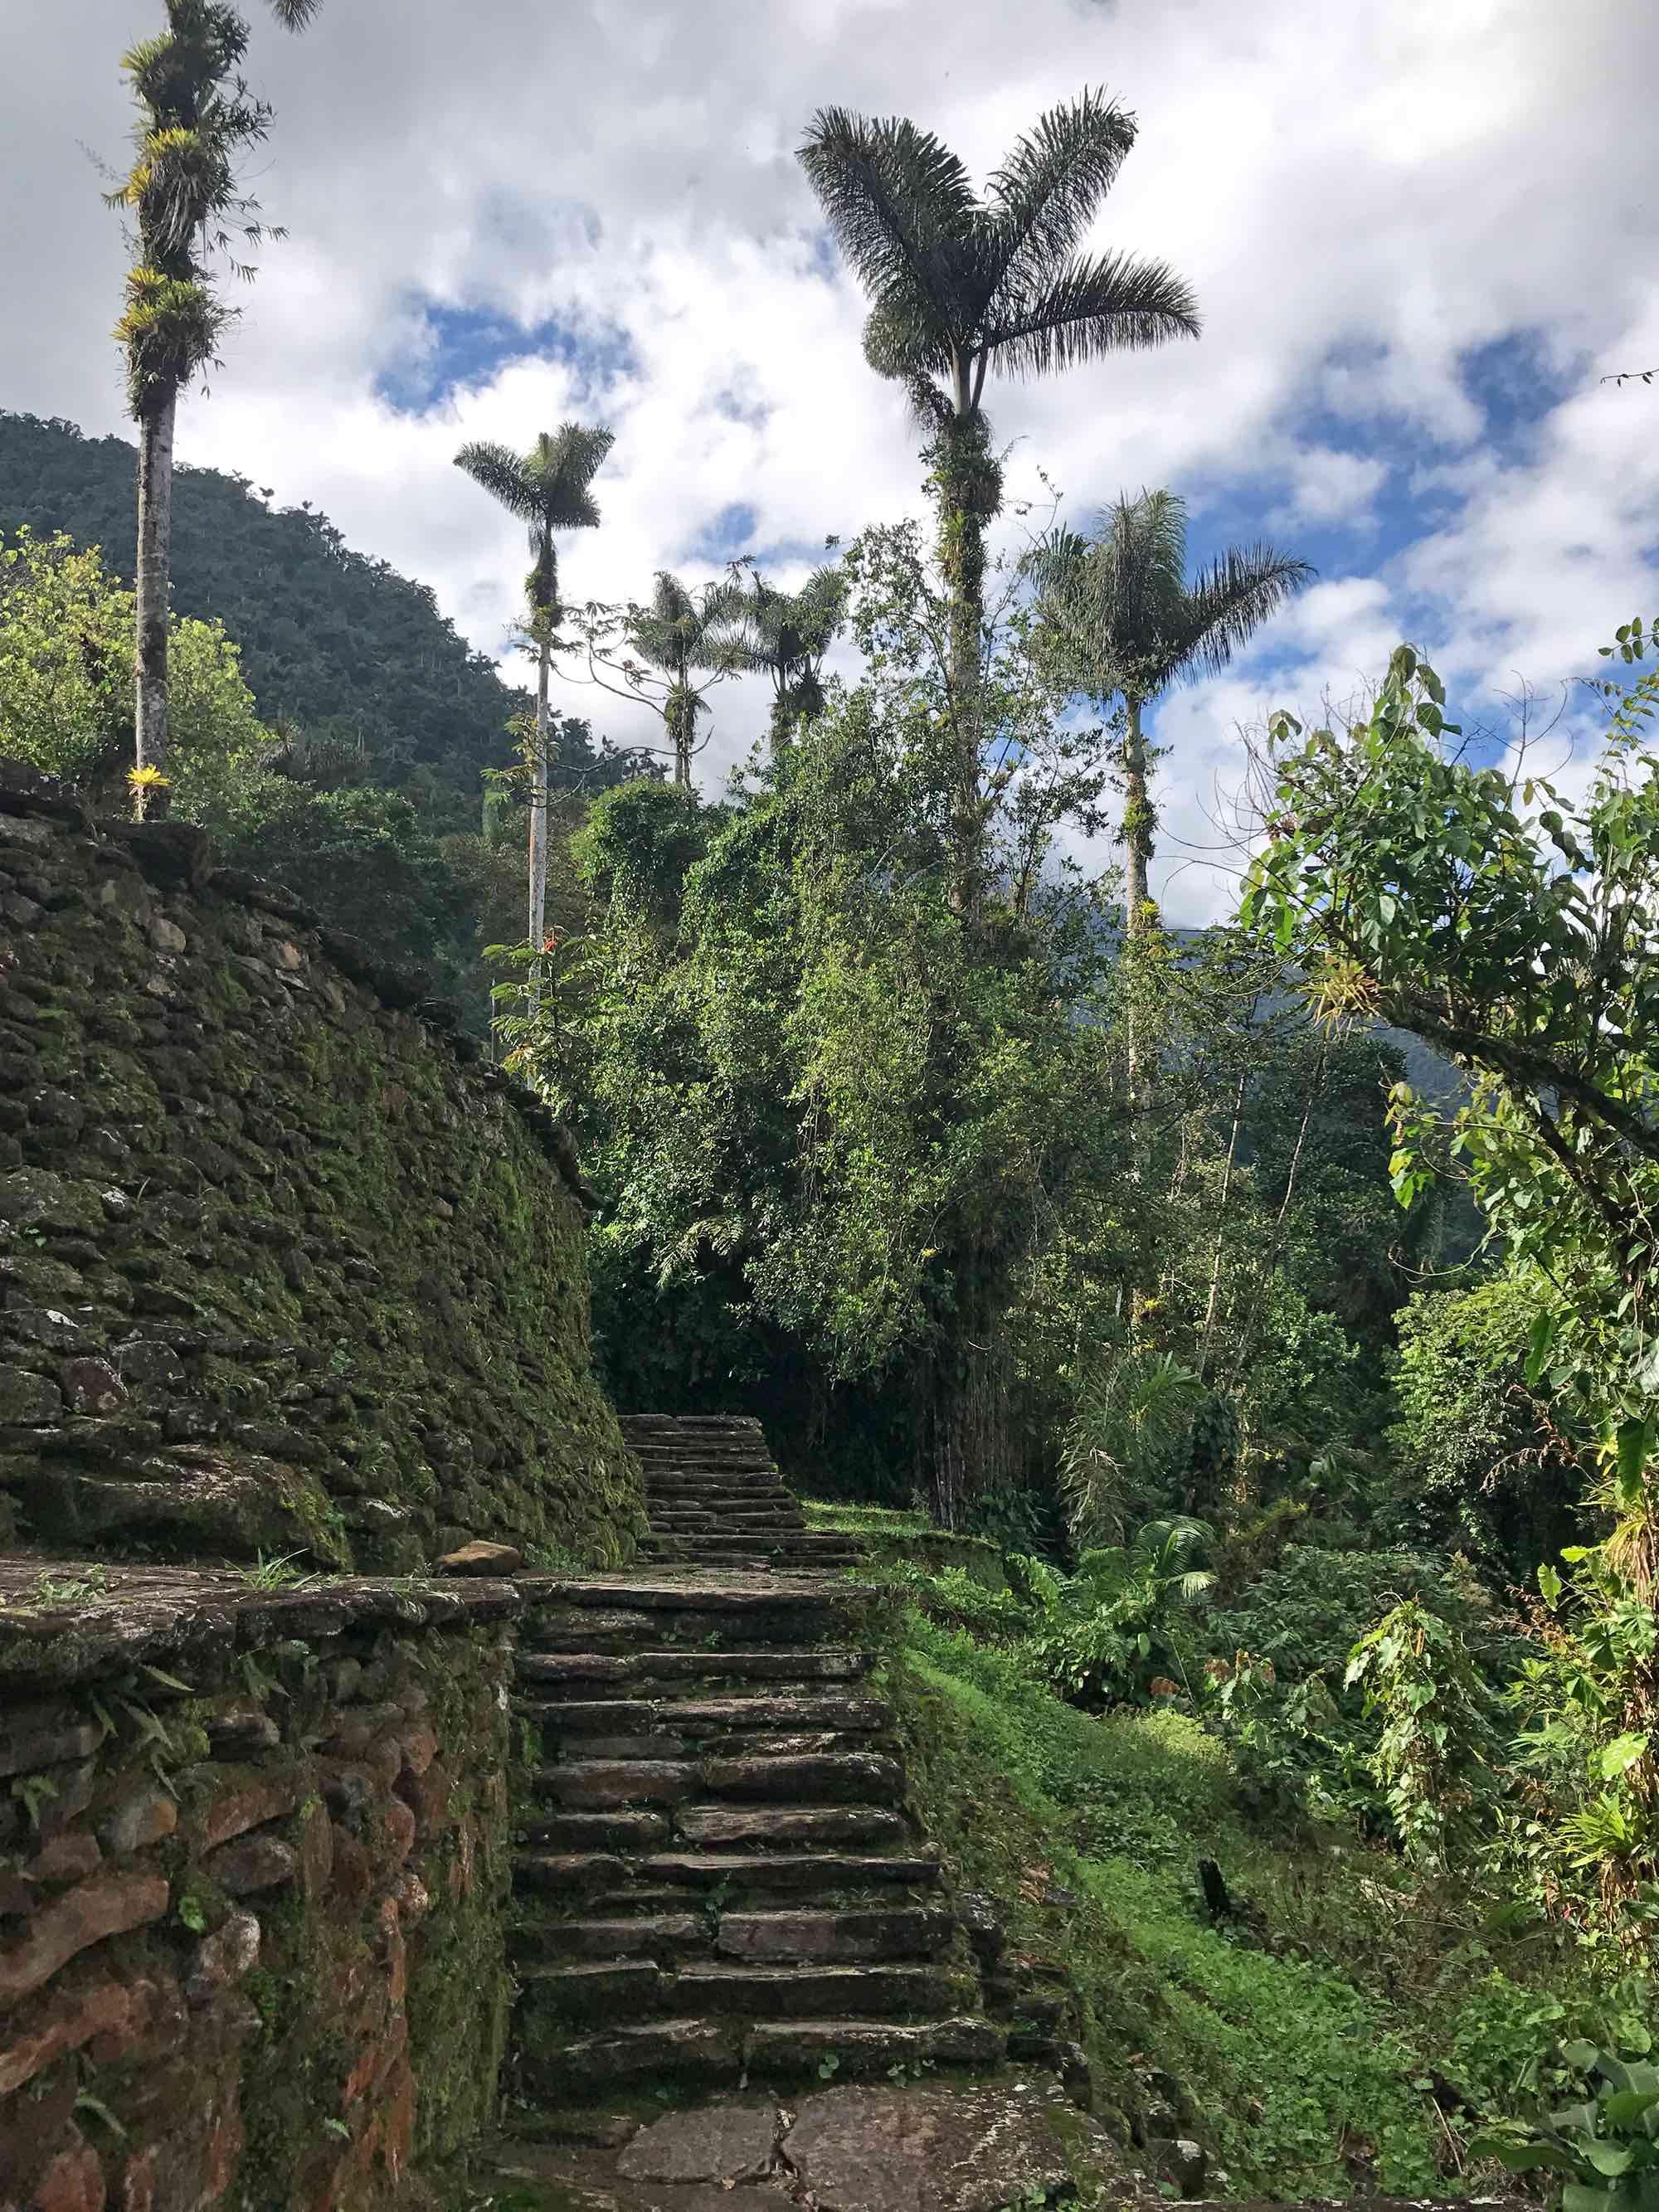 Lost-City-trek-Colombia-site.jpg